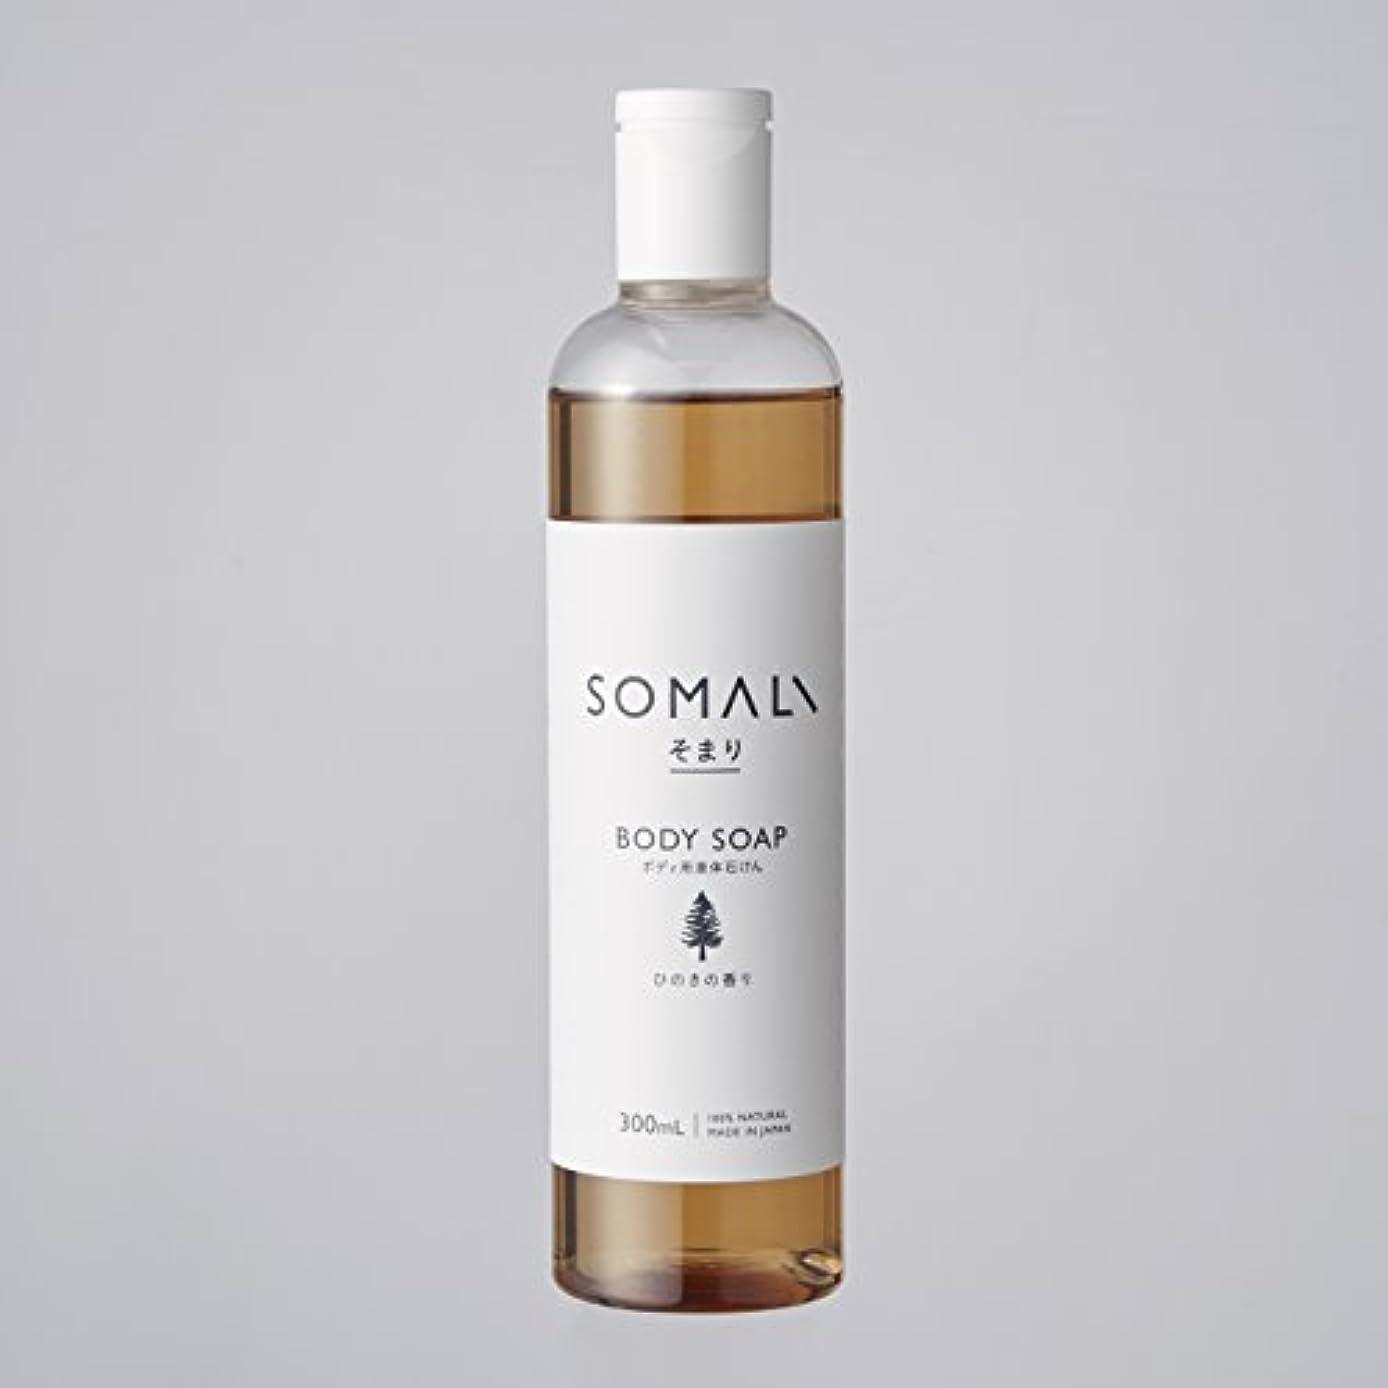 ソマリ(SOMALI)ボディソープ(ひのき)300ml 【日本製】